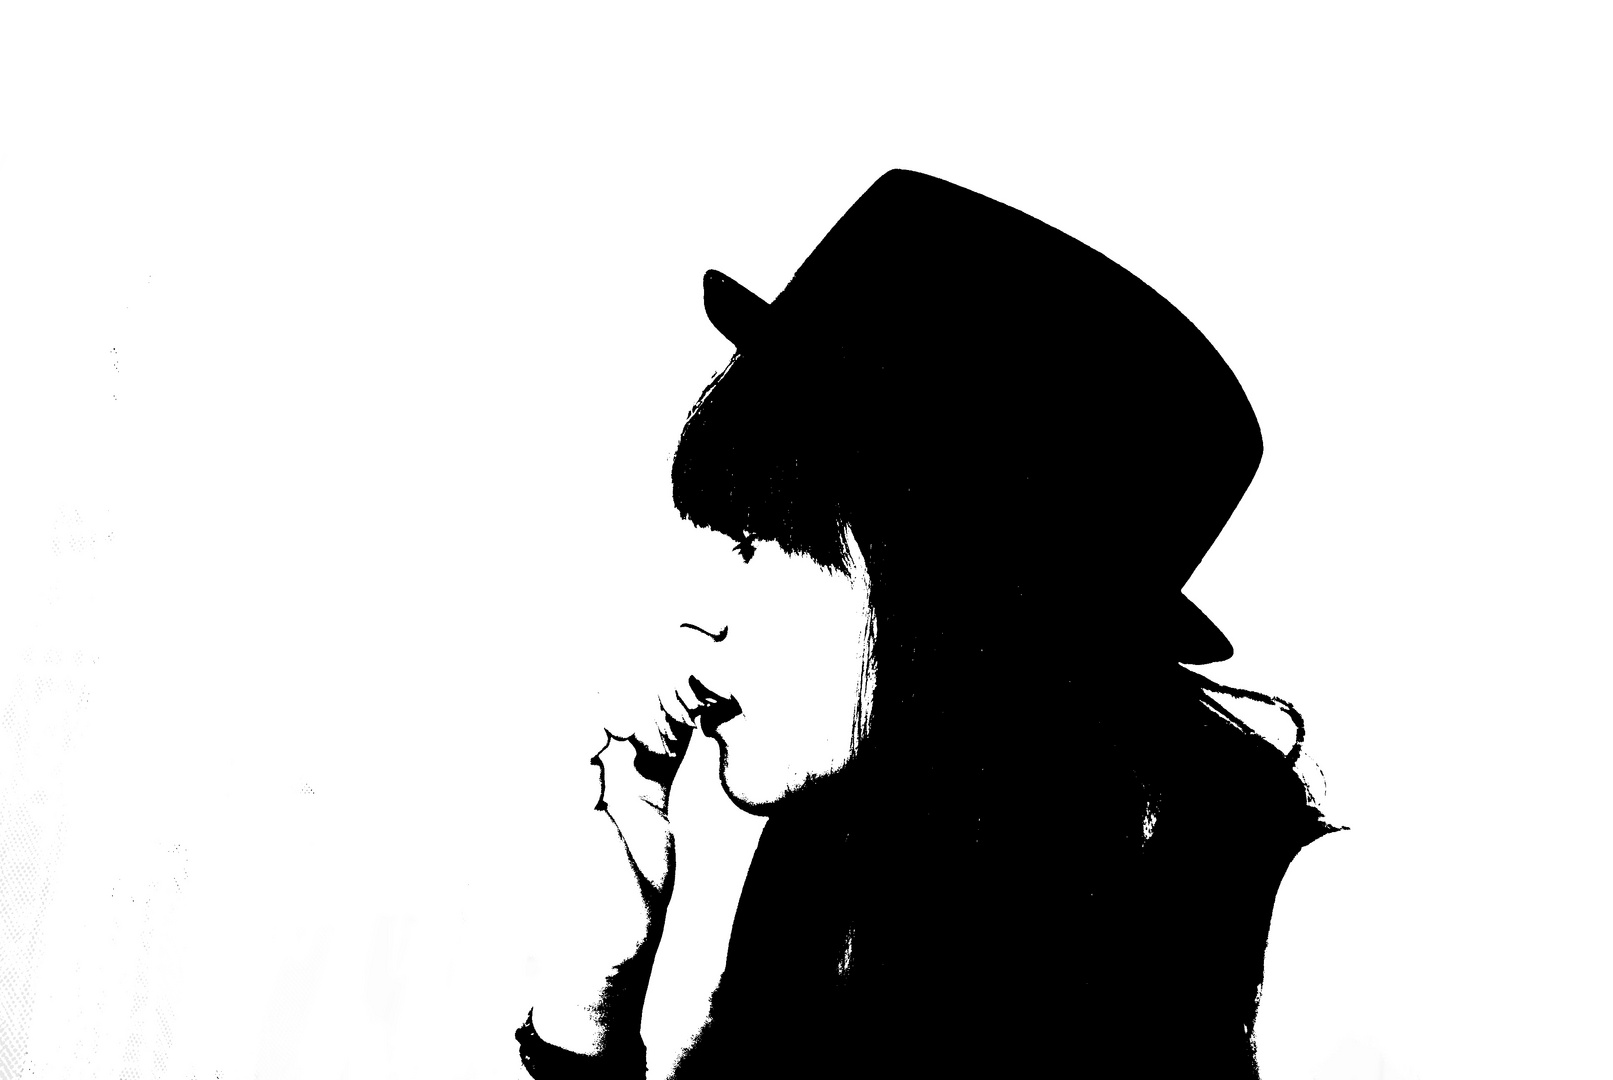 Das Leben ist schwarz-weiß, bis Jemand kommt der Farbe in dein Leben bringt.